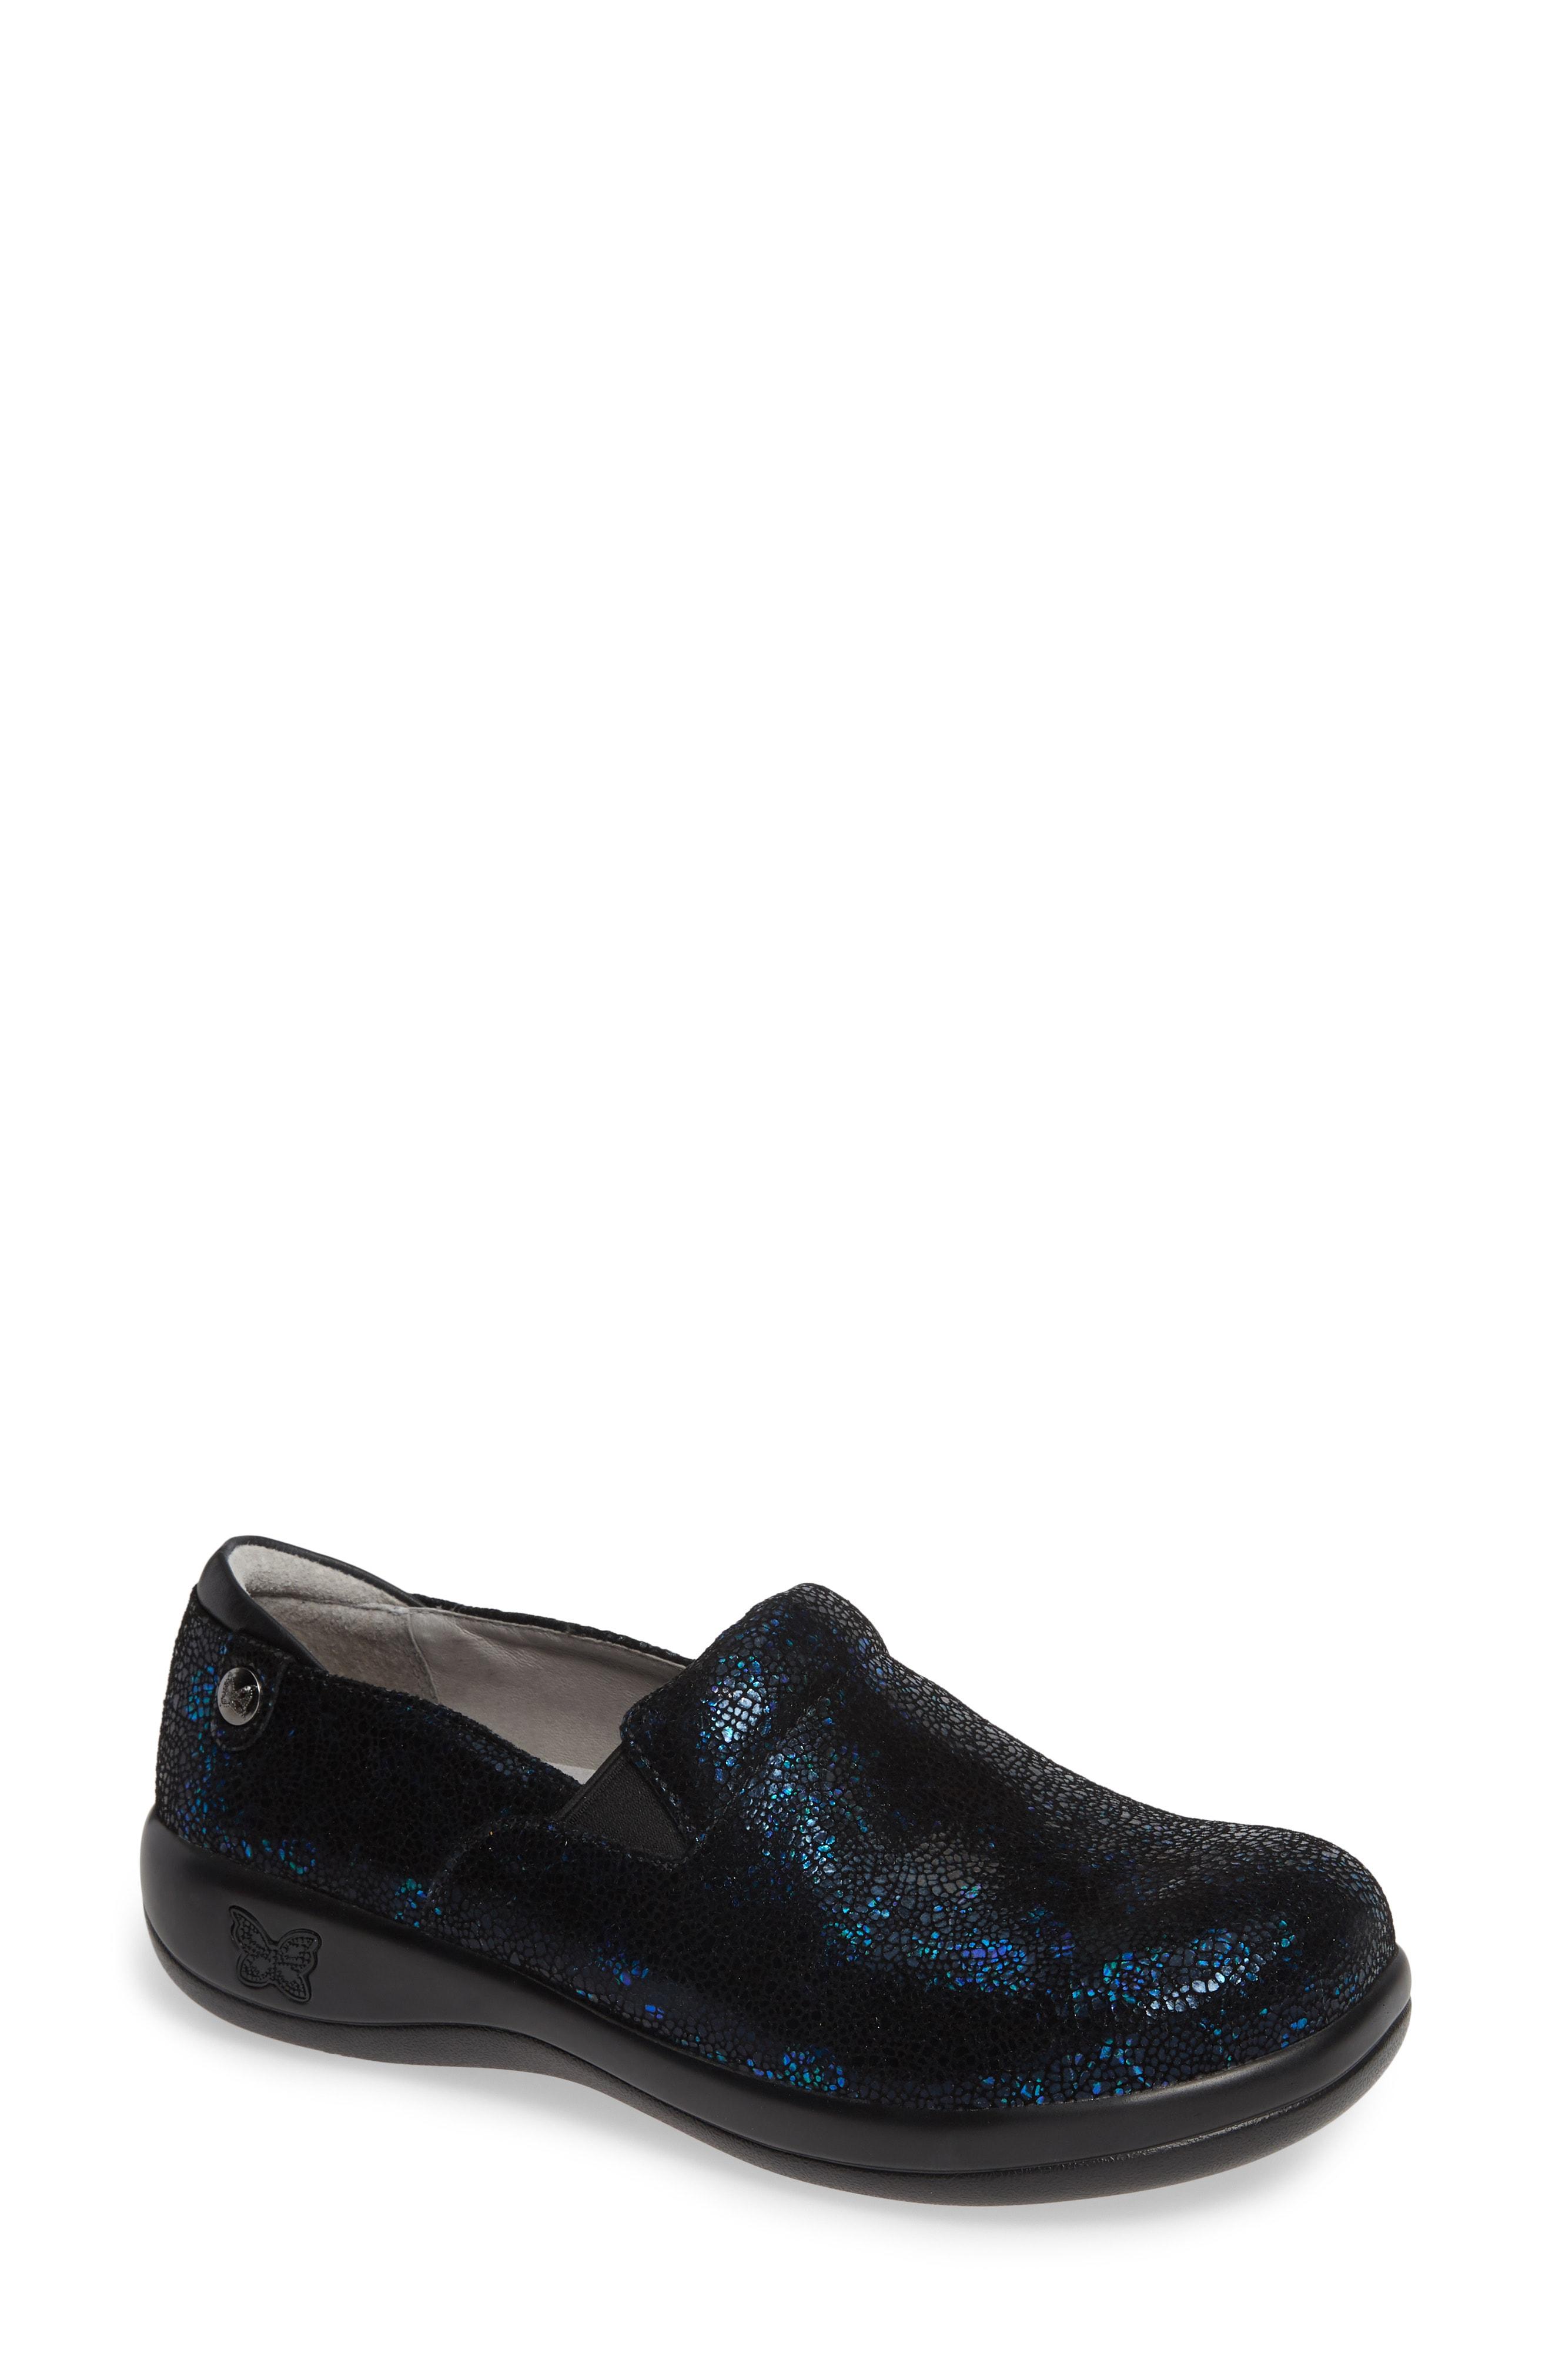 Alegria Shoes & Sandals   Nordstrom